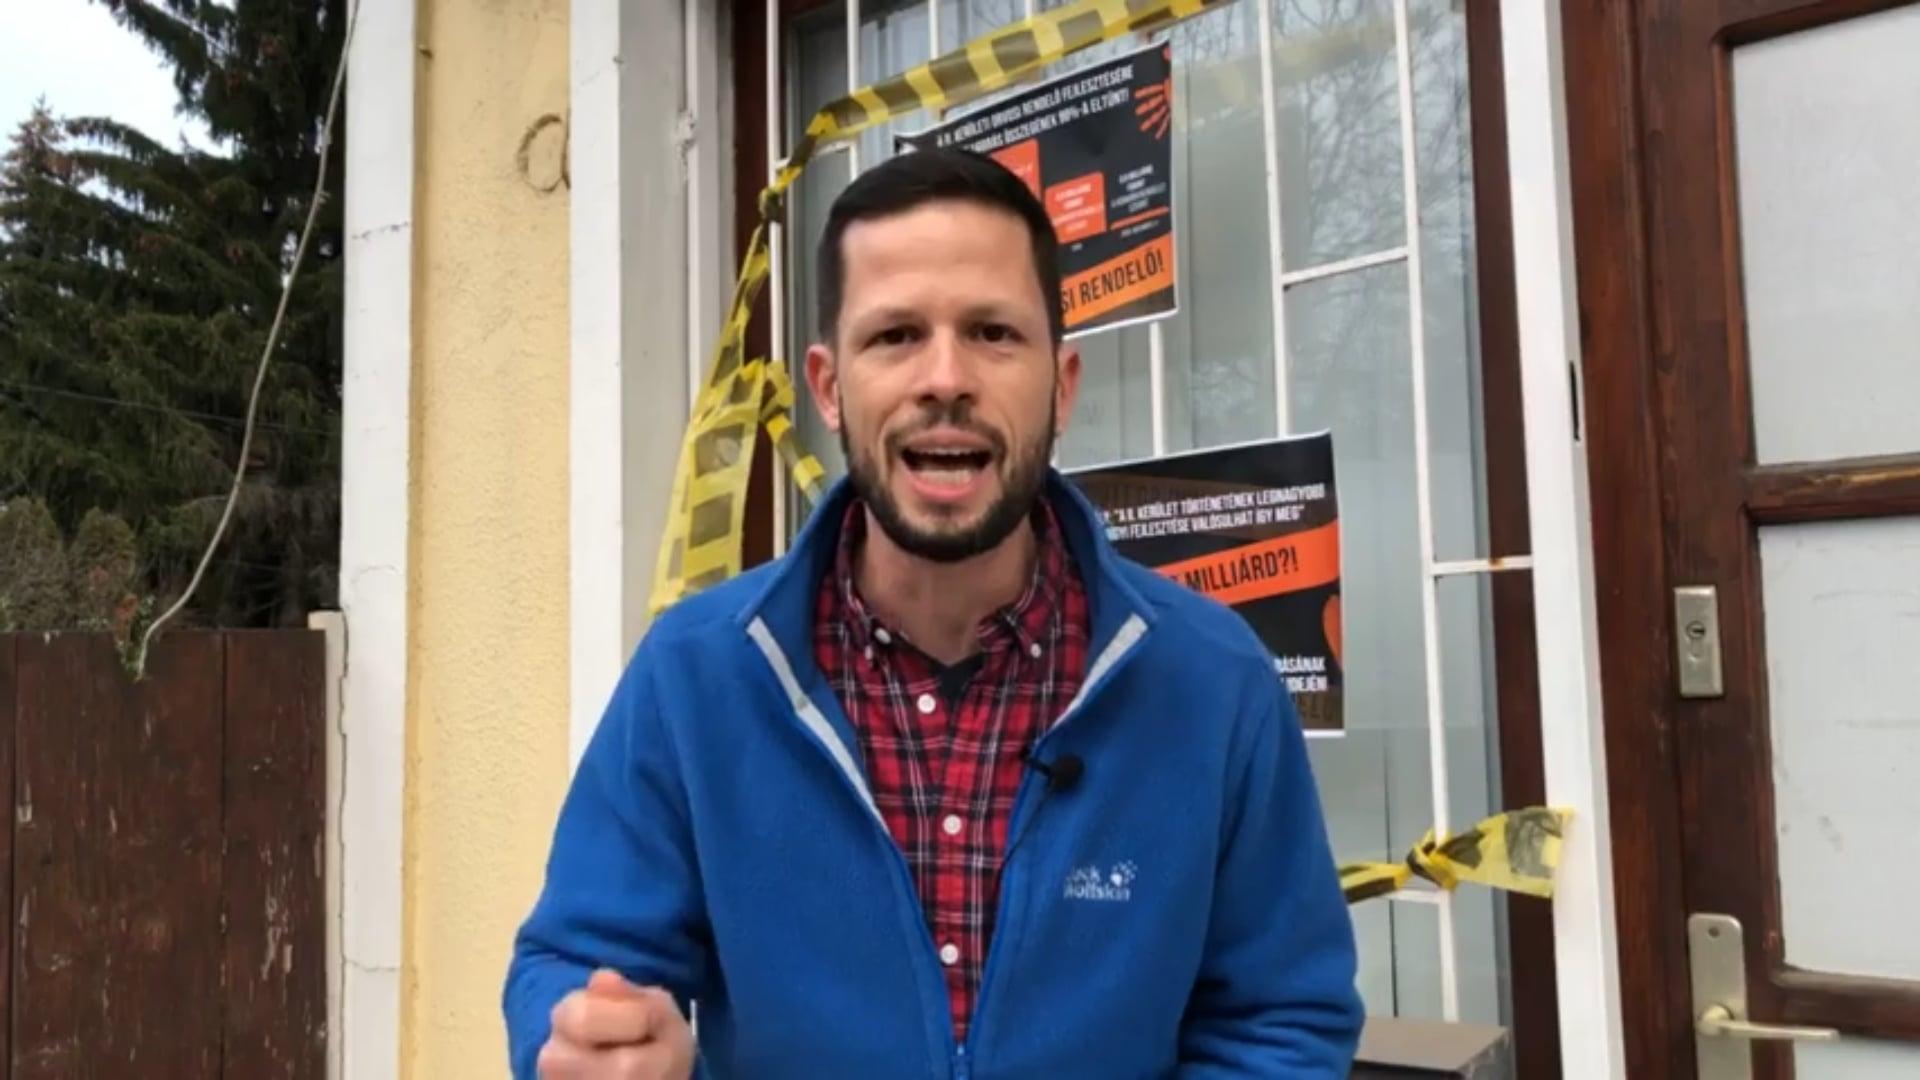 Varga Mihálynak a Capitolium szerdai megszállása jutott eszébe arról, hogy Tordai Bence plakátokat ragasztott az irodájára